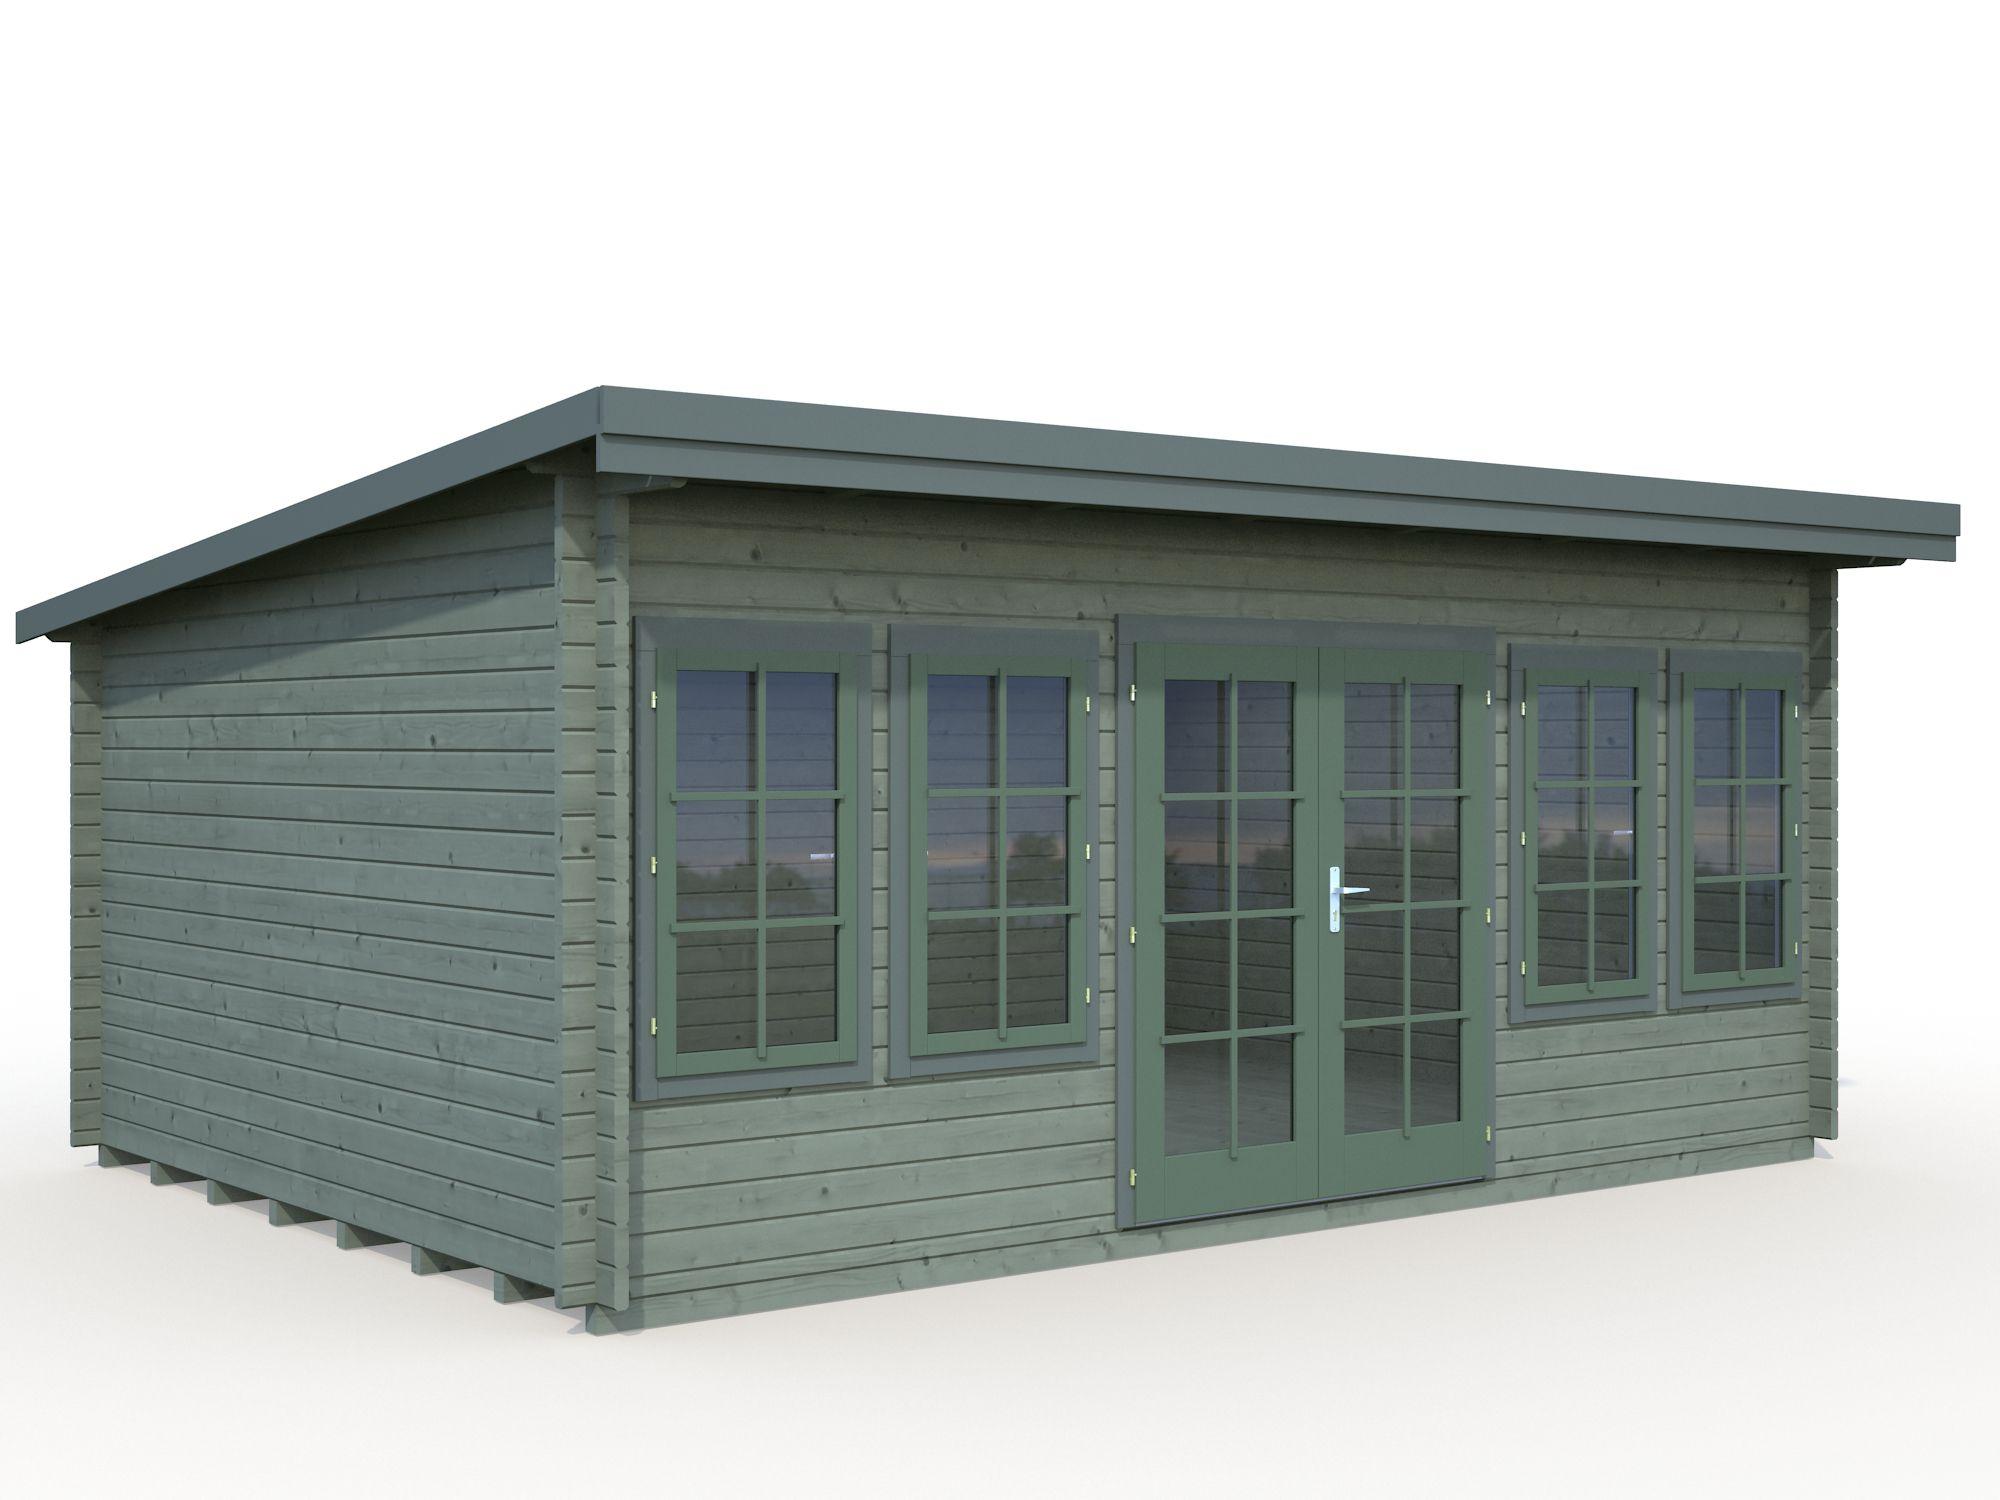 gartenhaus und ger tehaus flachdach pultdach flat style 3. Black Bedroom Furniture Sets. Home Design Ideas